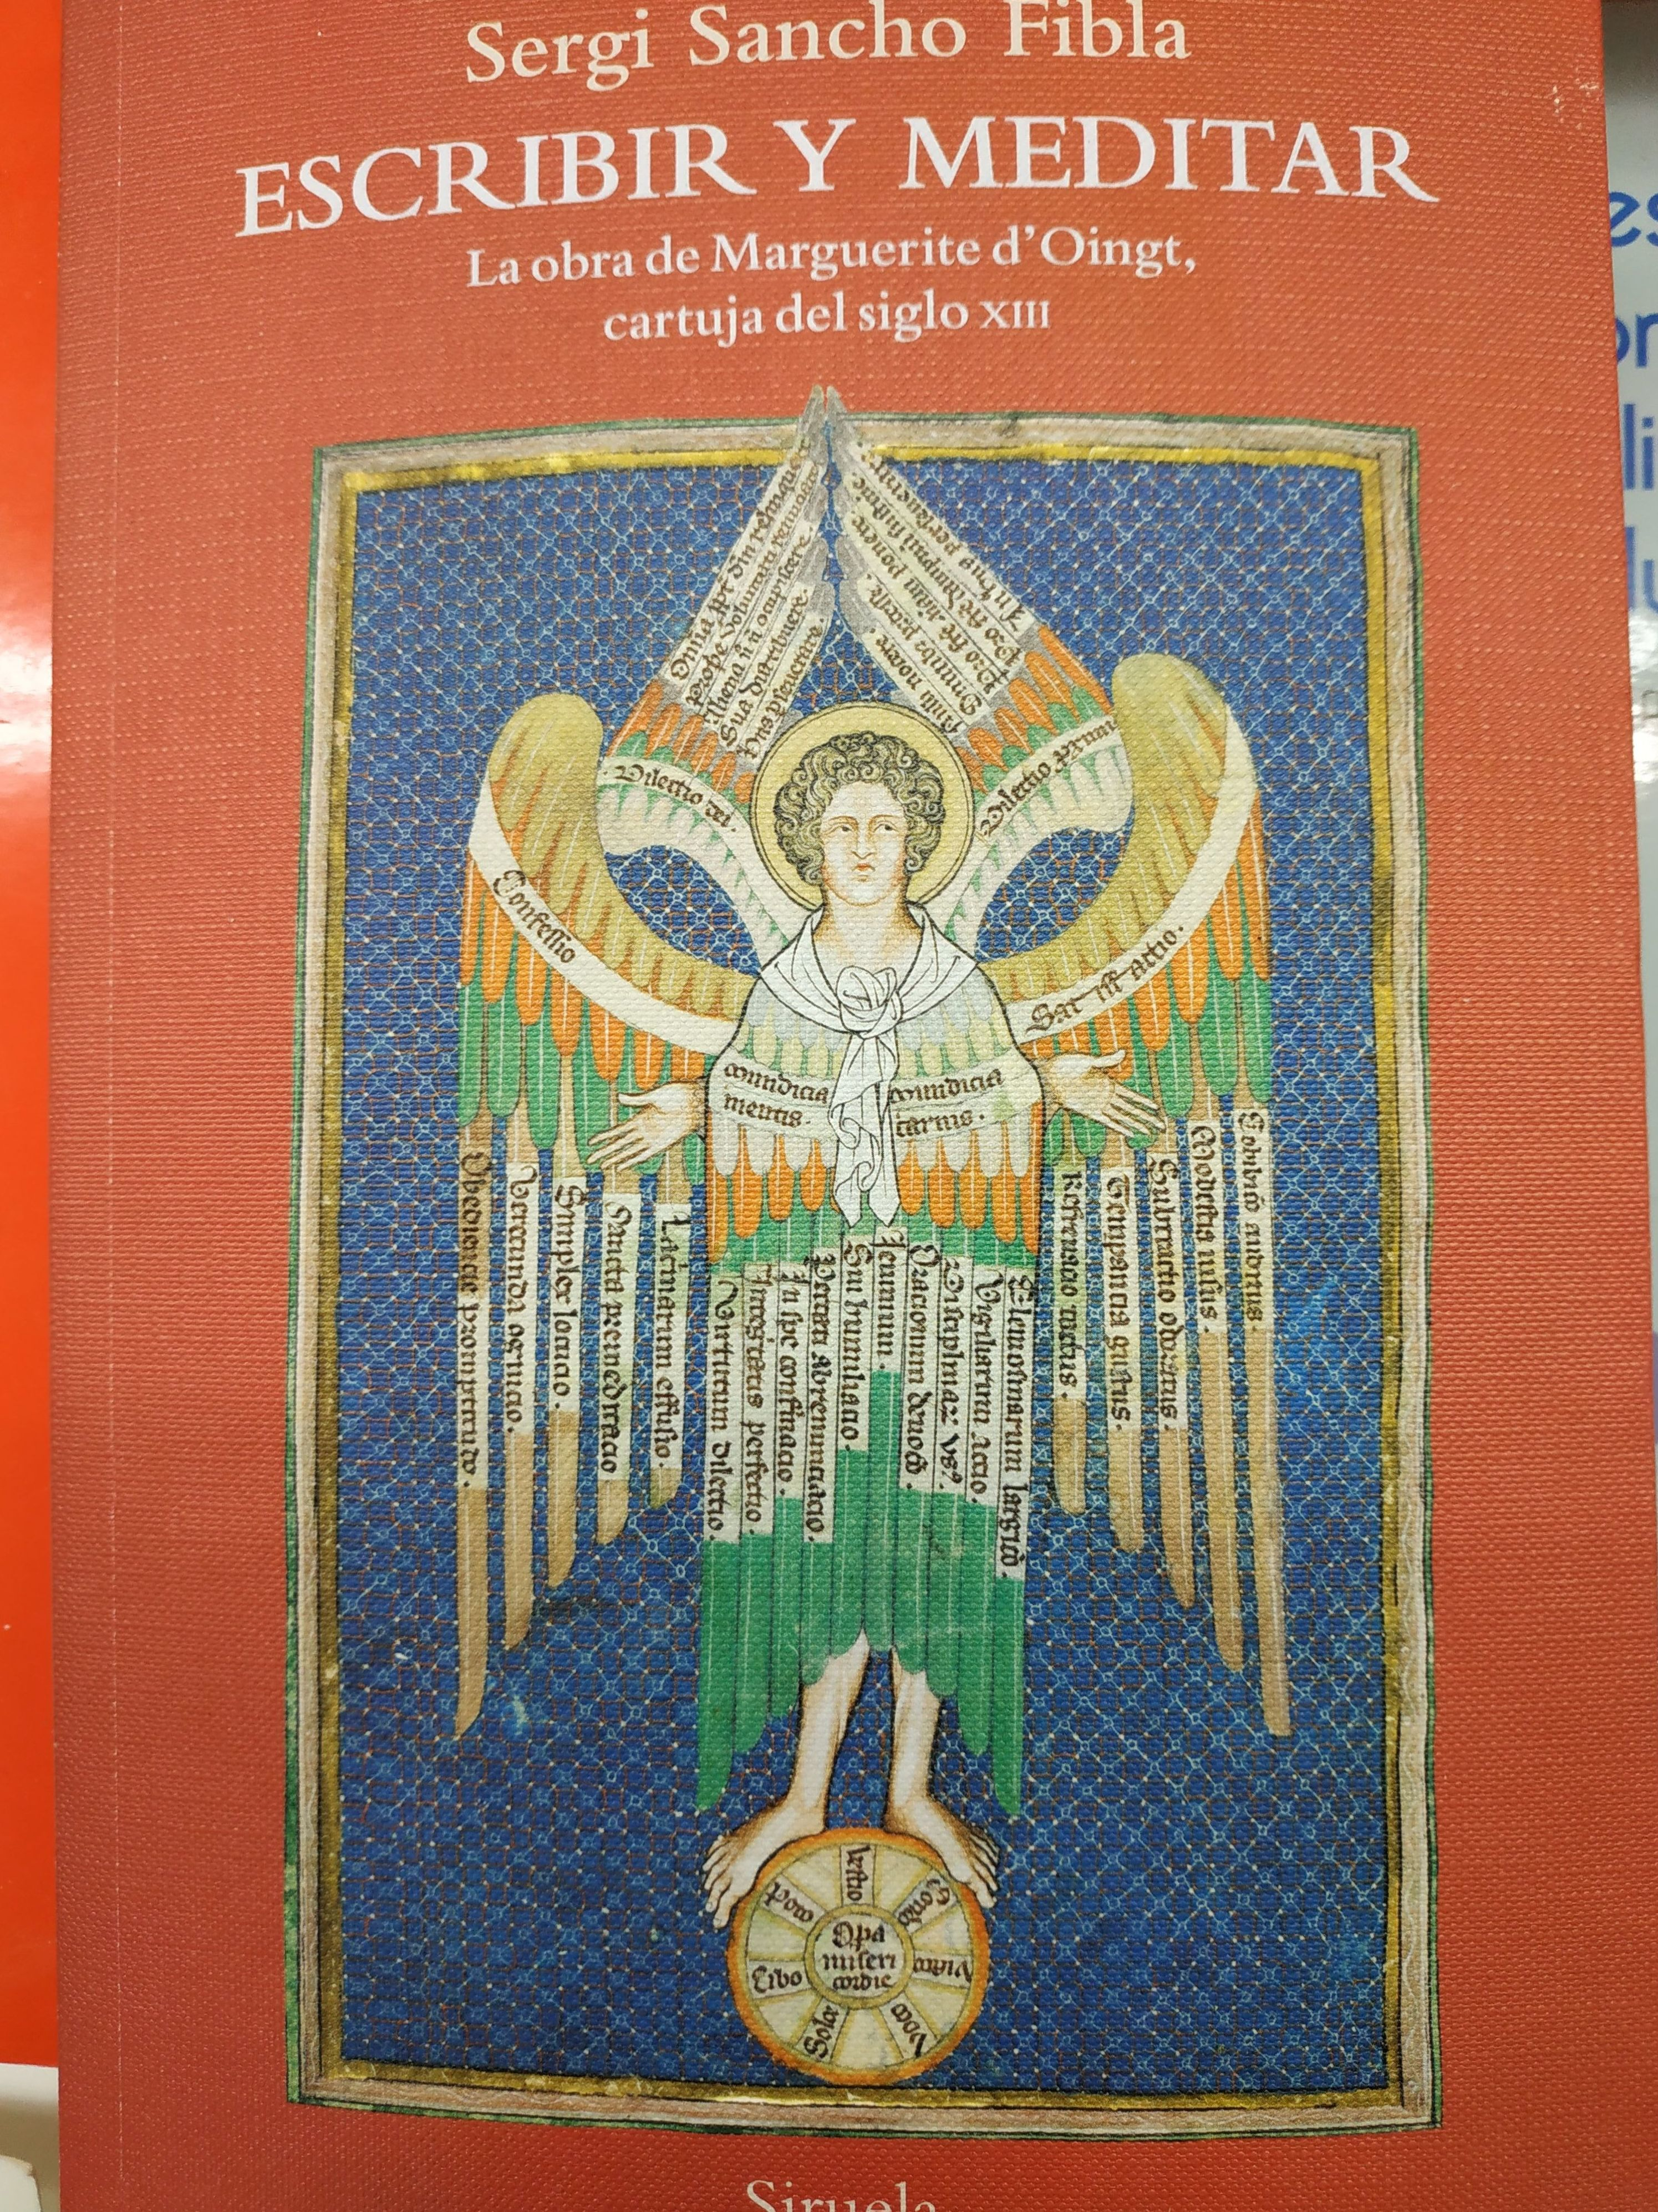 ESCRIBIR Y MEDITAR: LA OBRA DE MARGUERITE D OINGT, CARTUJA DEL SIGLO XIII: SECCIONES de Librería Nueva Plaza Universitaria